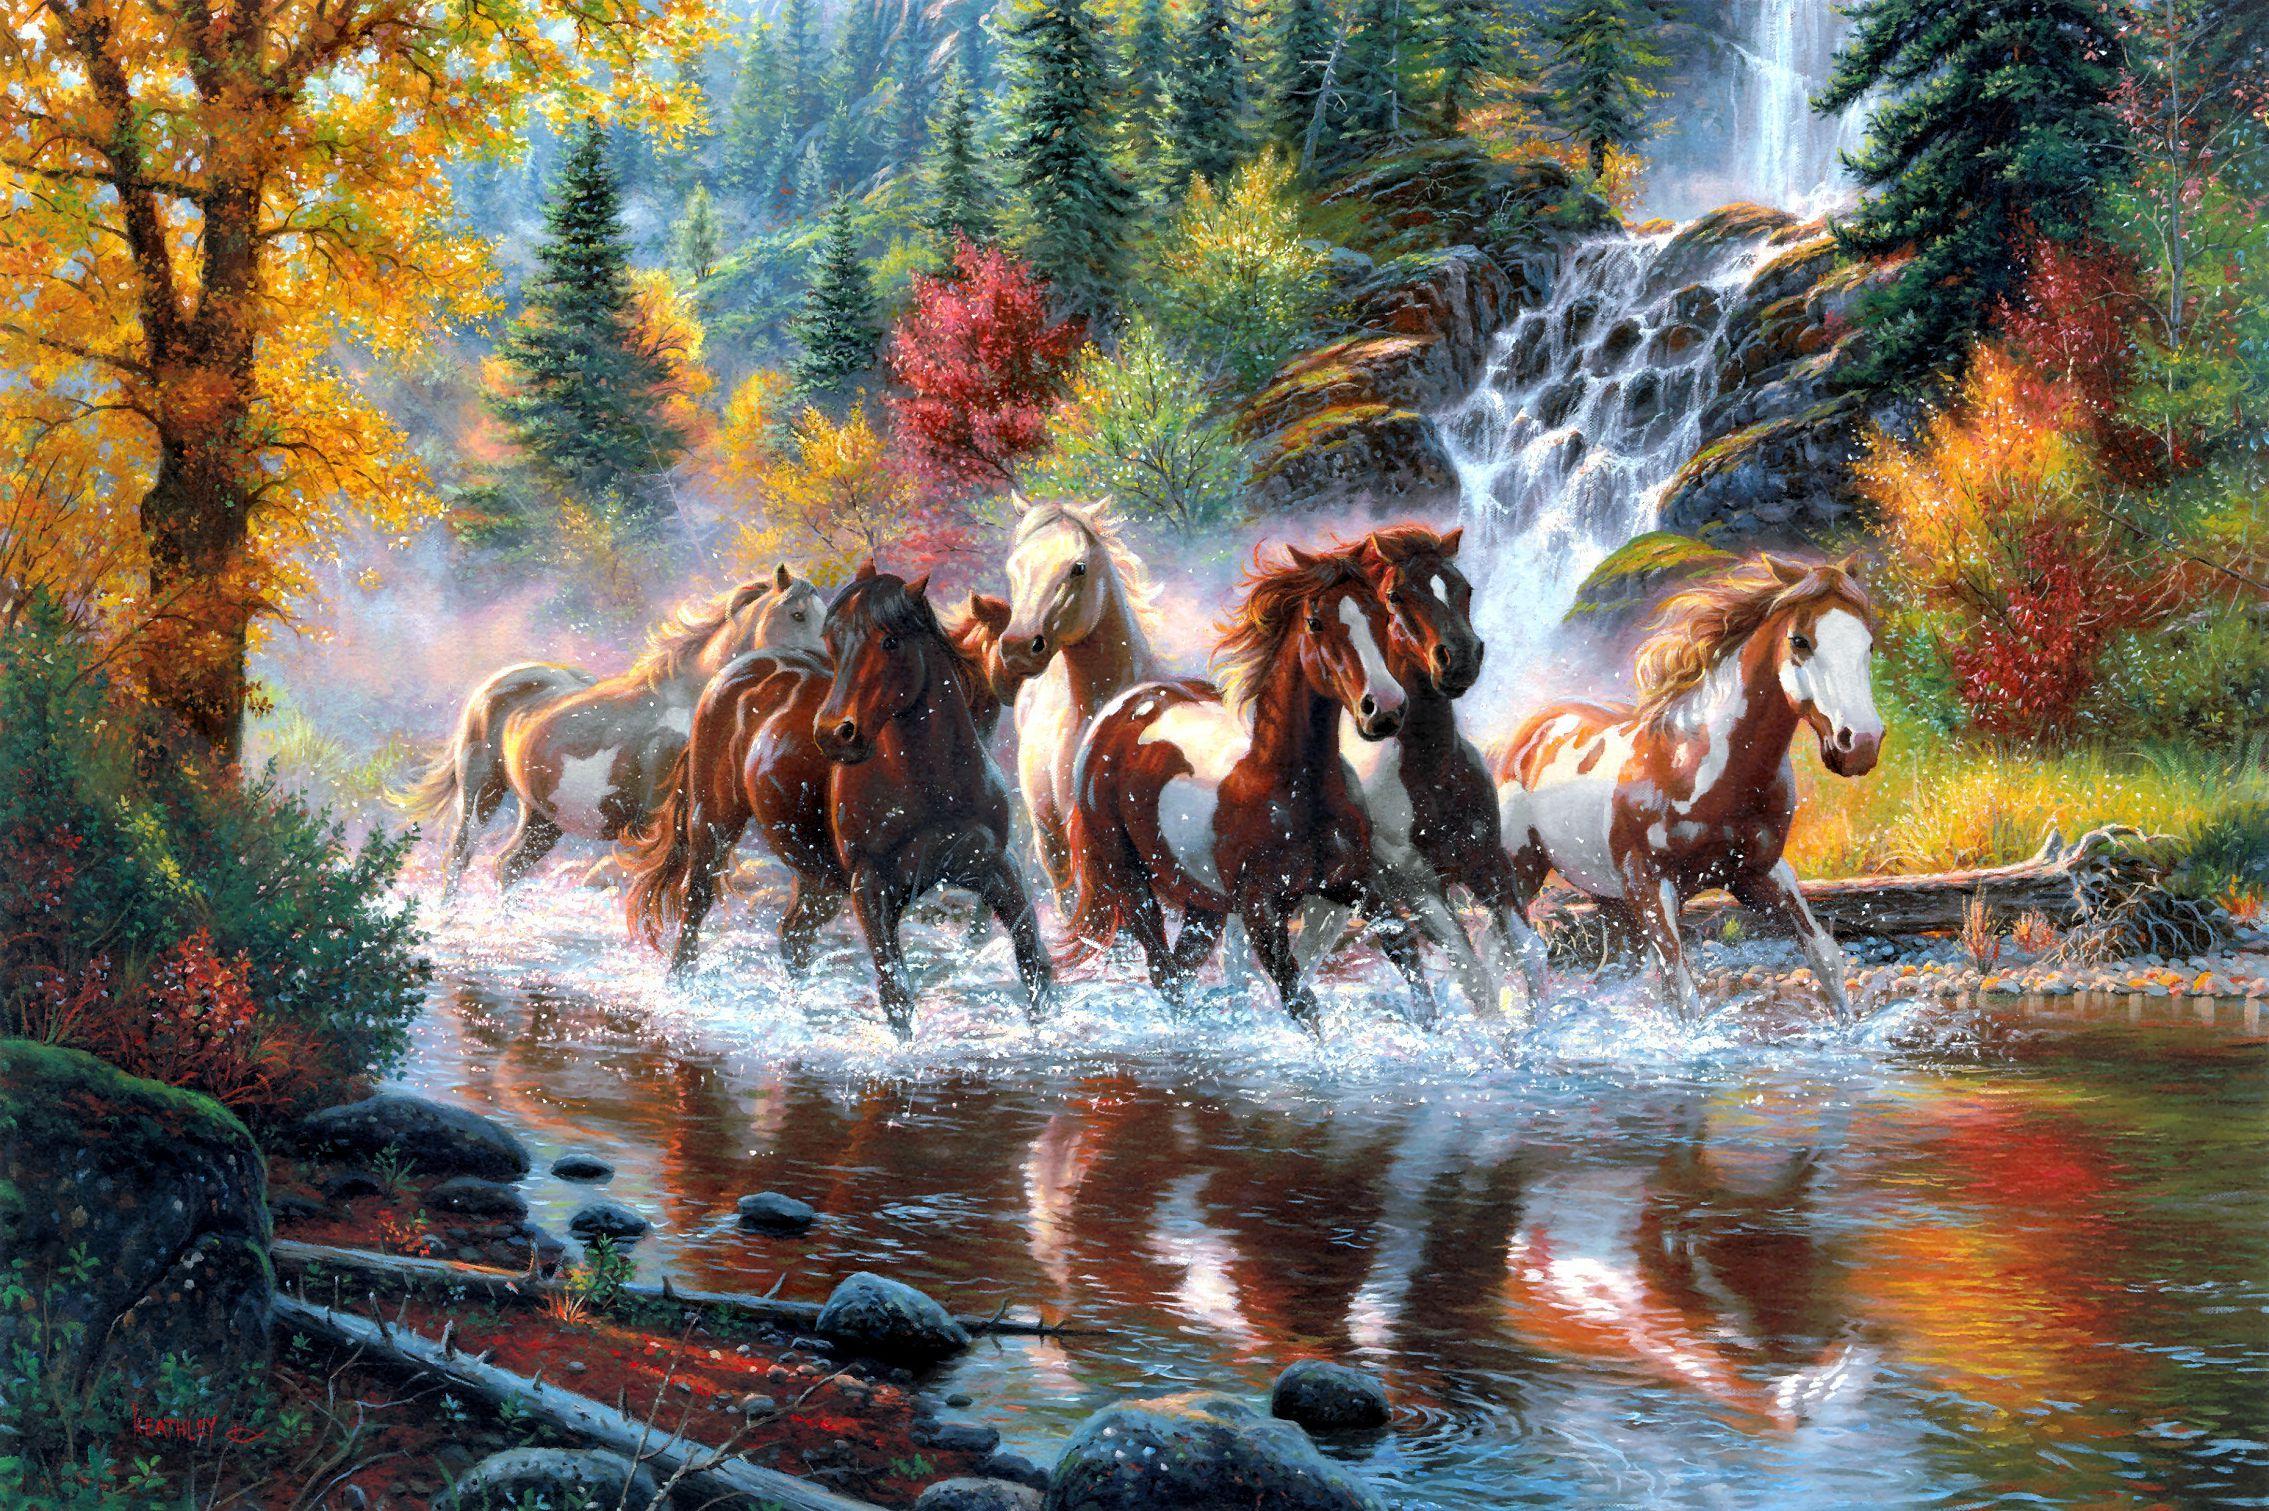 рисунок графика лошадь природа животные figure graphics horse nature animals  № 3925674 без смс